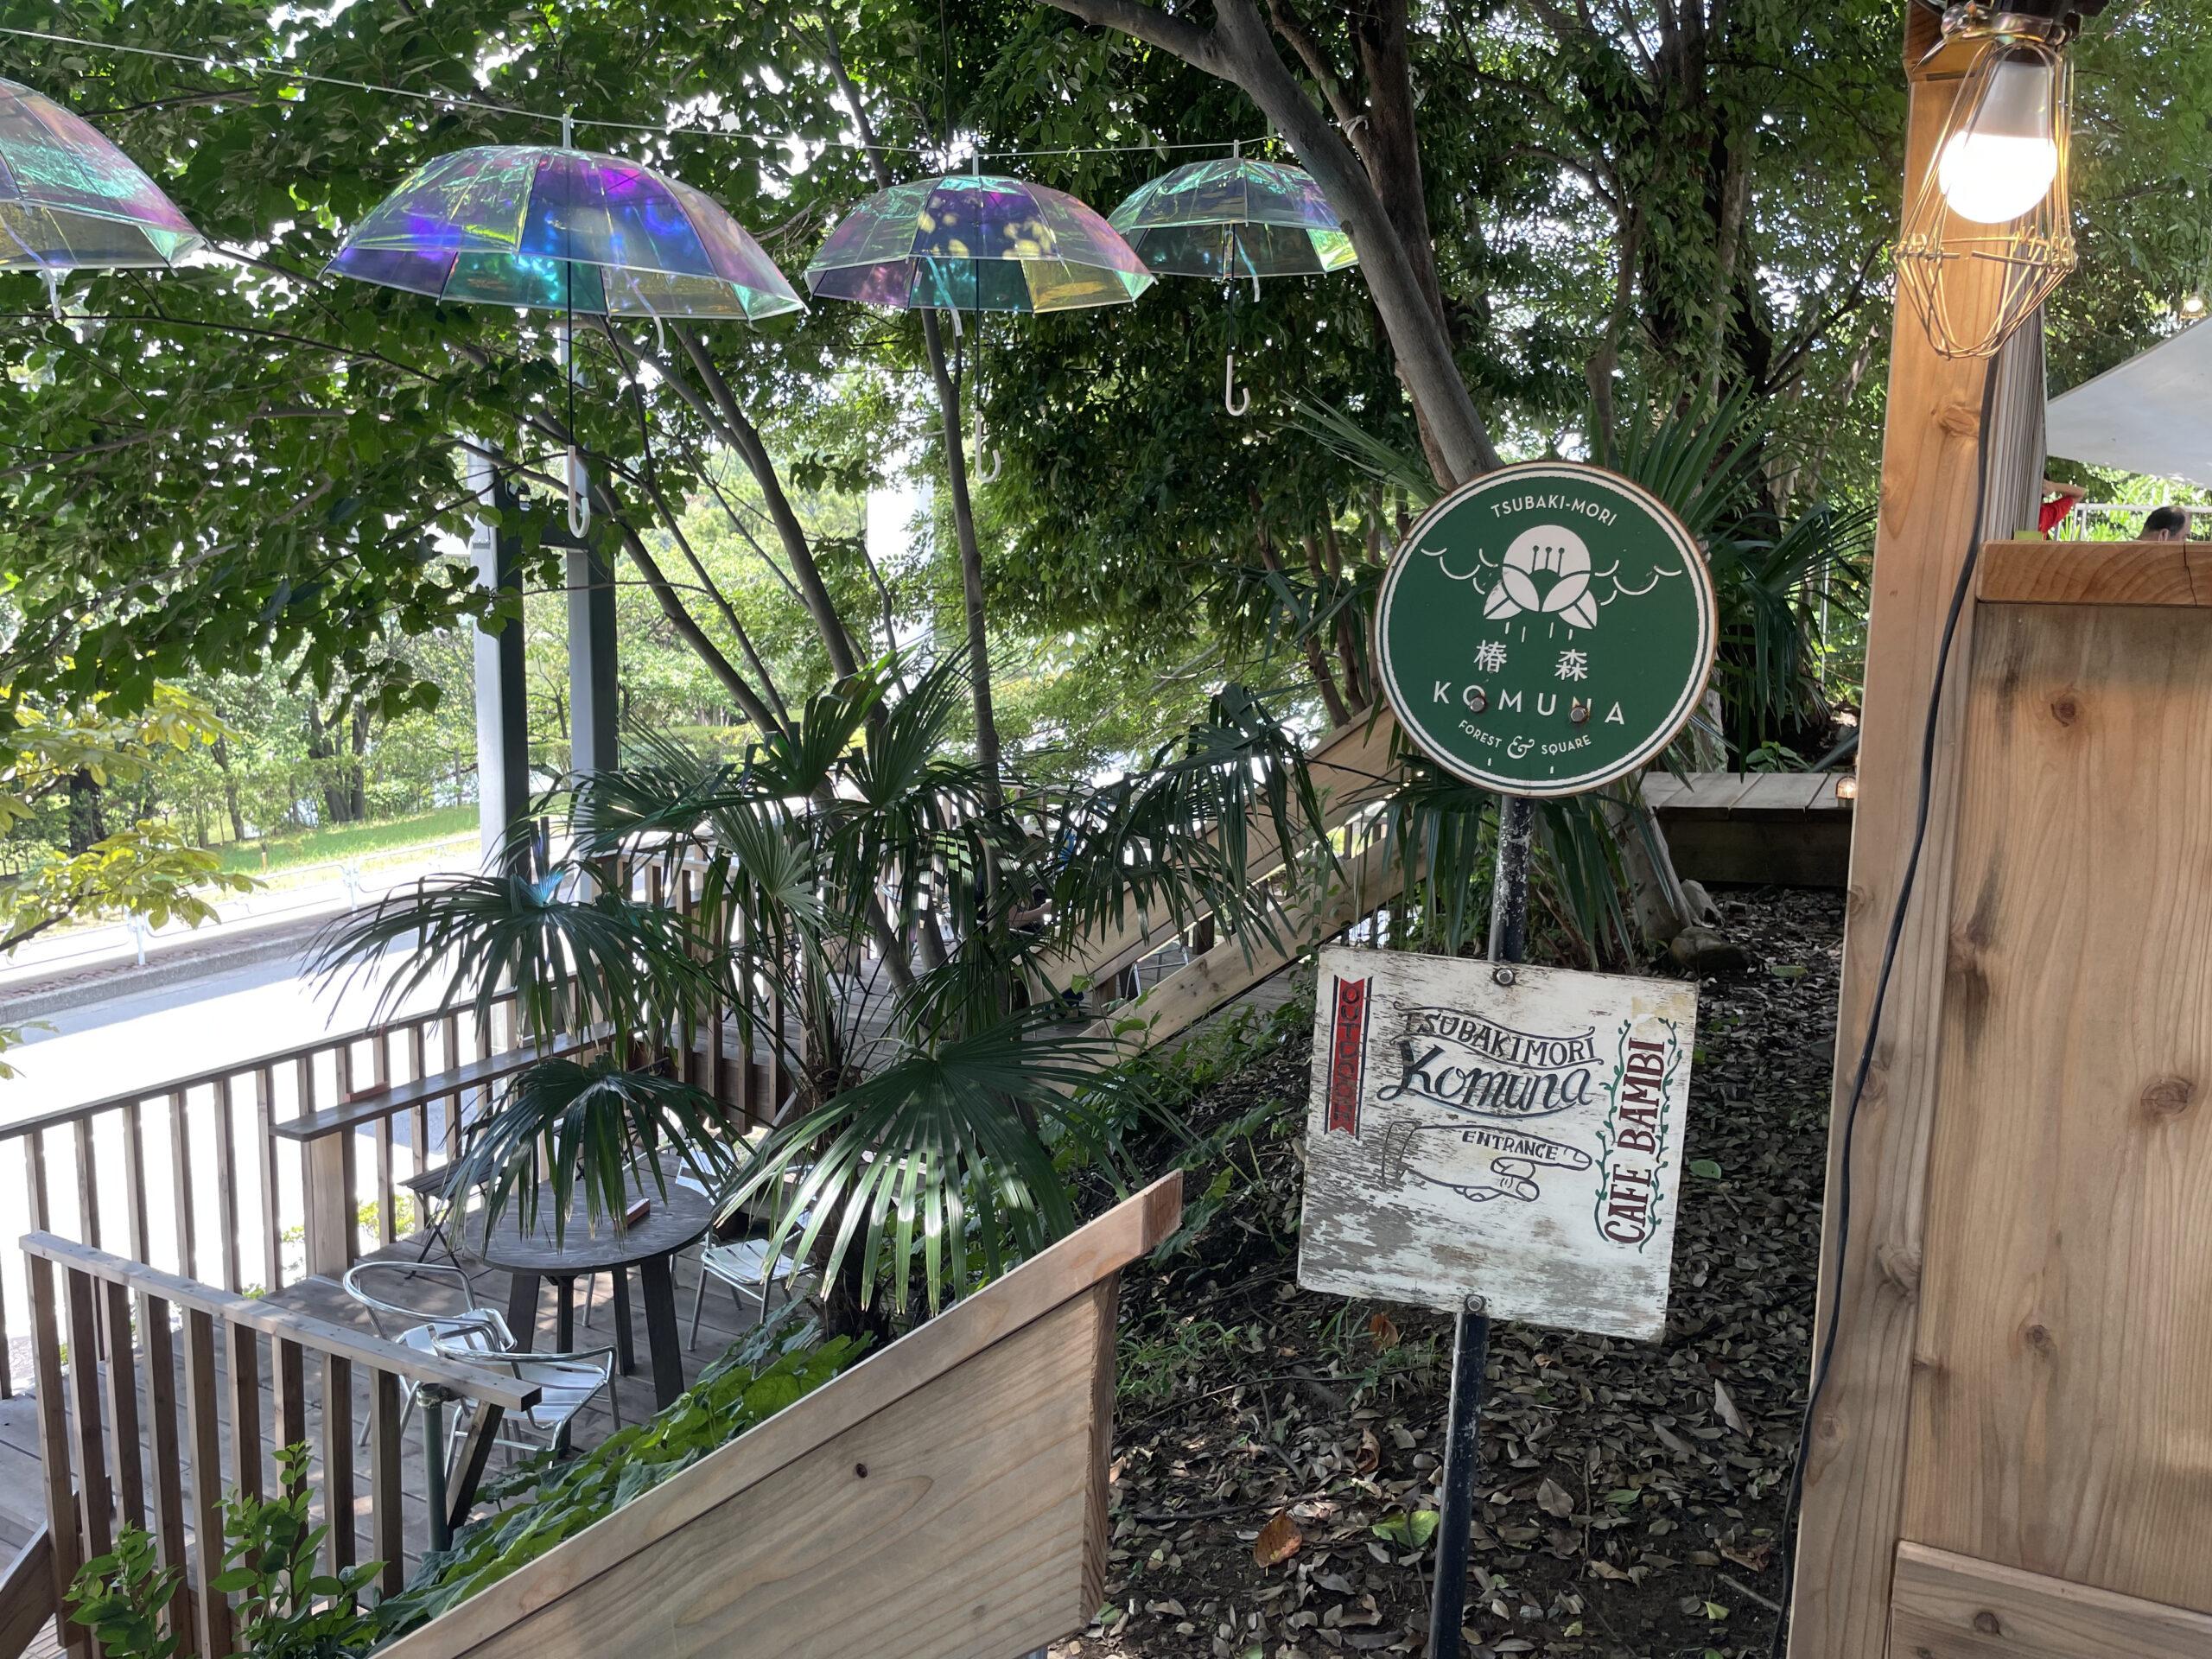 オーロラ色のビニール傘